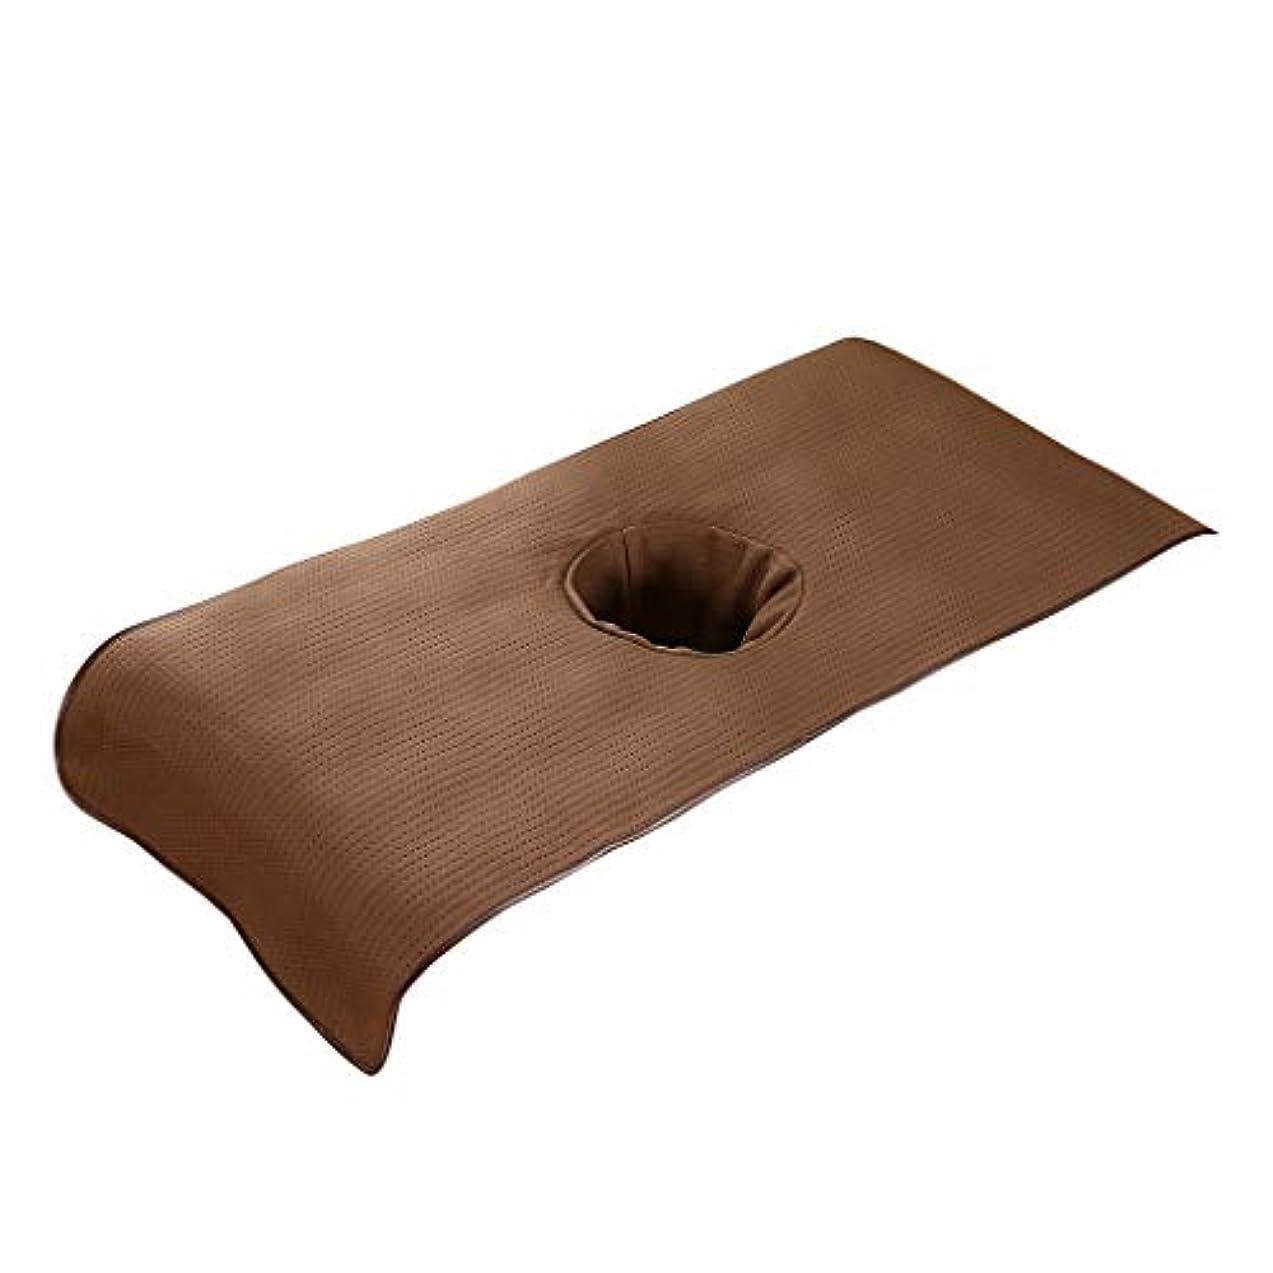 シェル強調する候補者KESOTO スパ マッサージベッドカバー 有孔 美容ベッドカバー マッサージテーブルスカート 快適 通気性 - 褐色